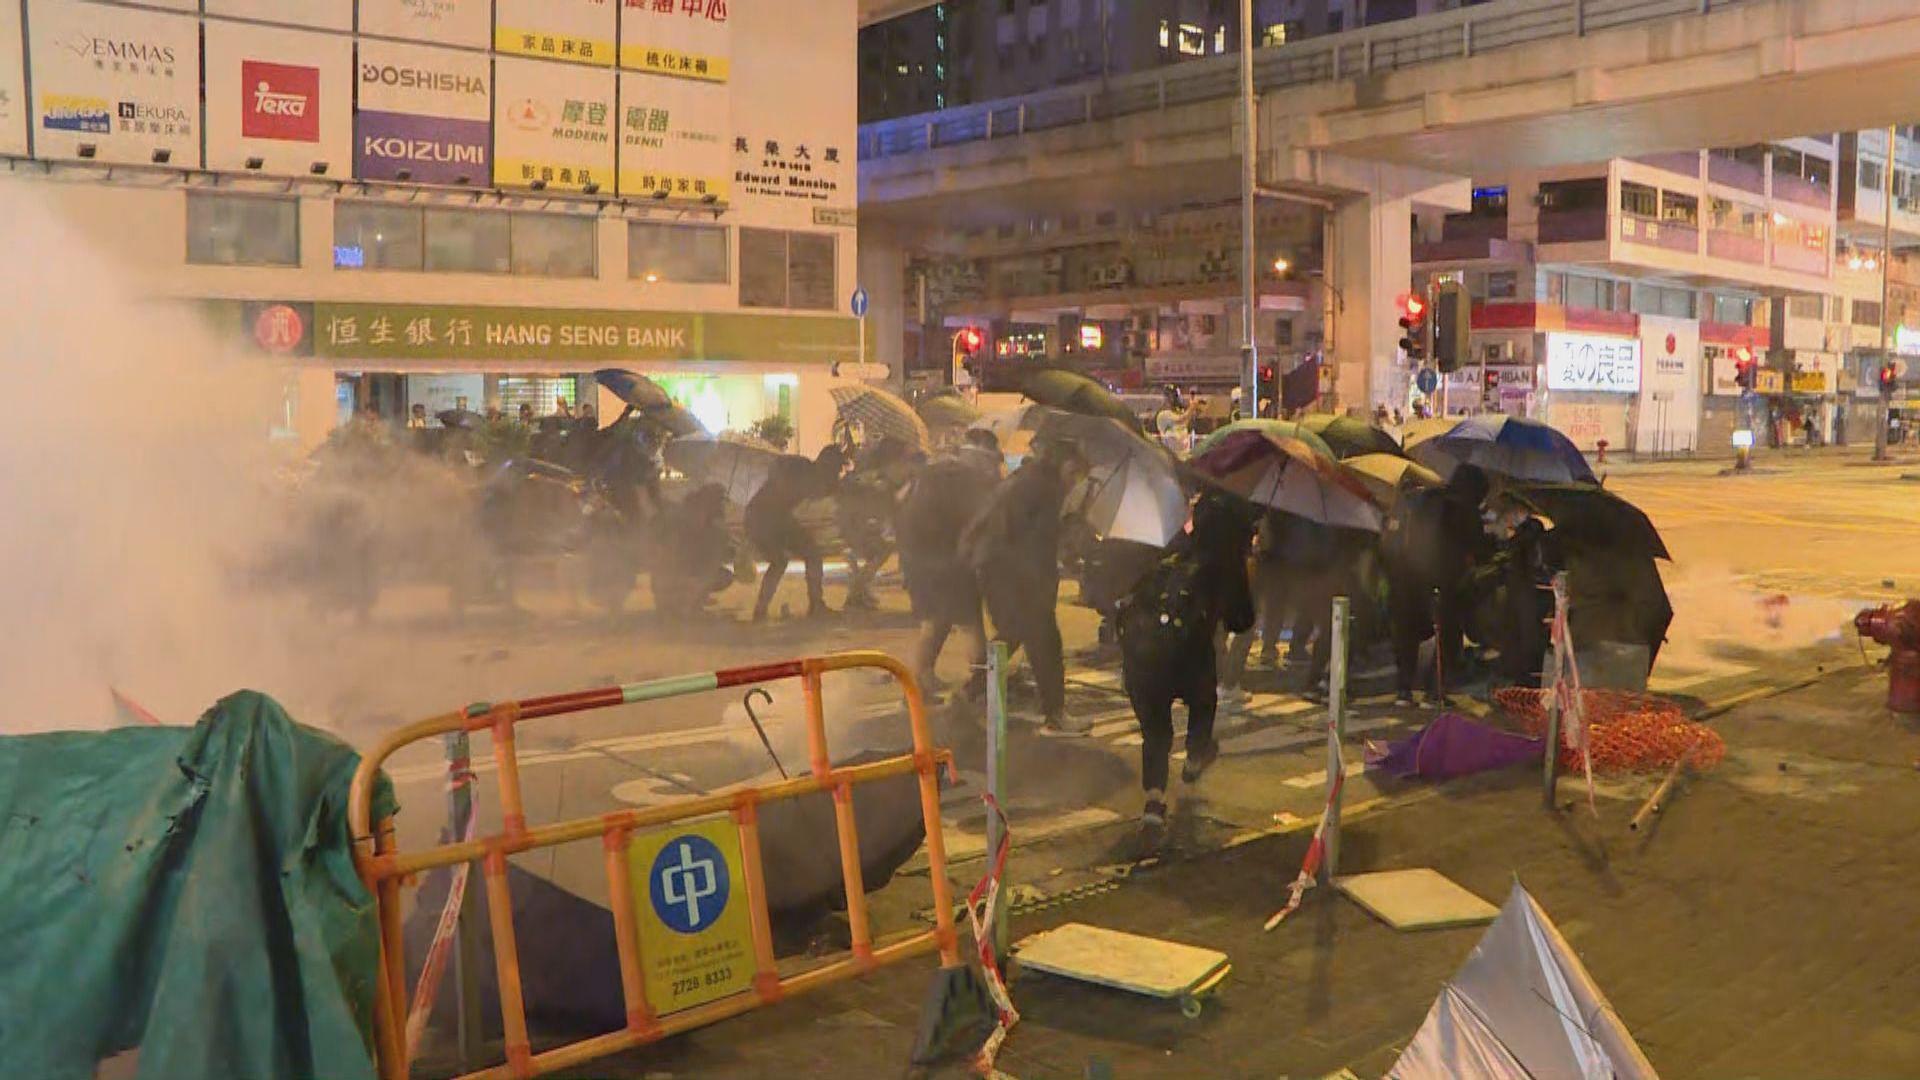 示威者向旺角警署推進 警施放催淚彈驅散